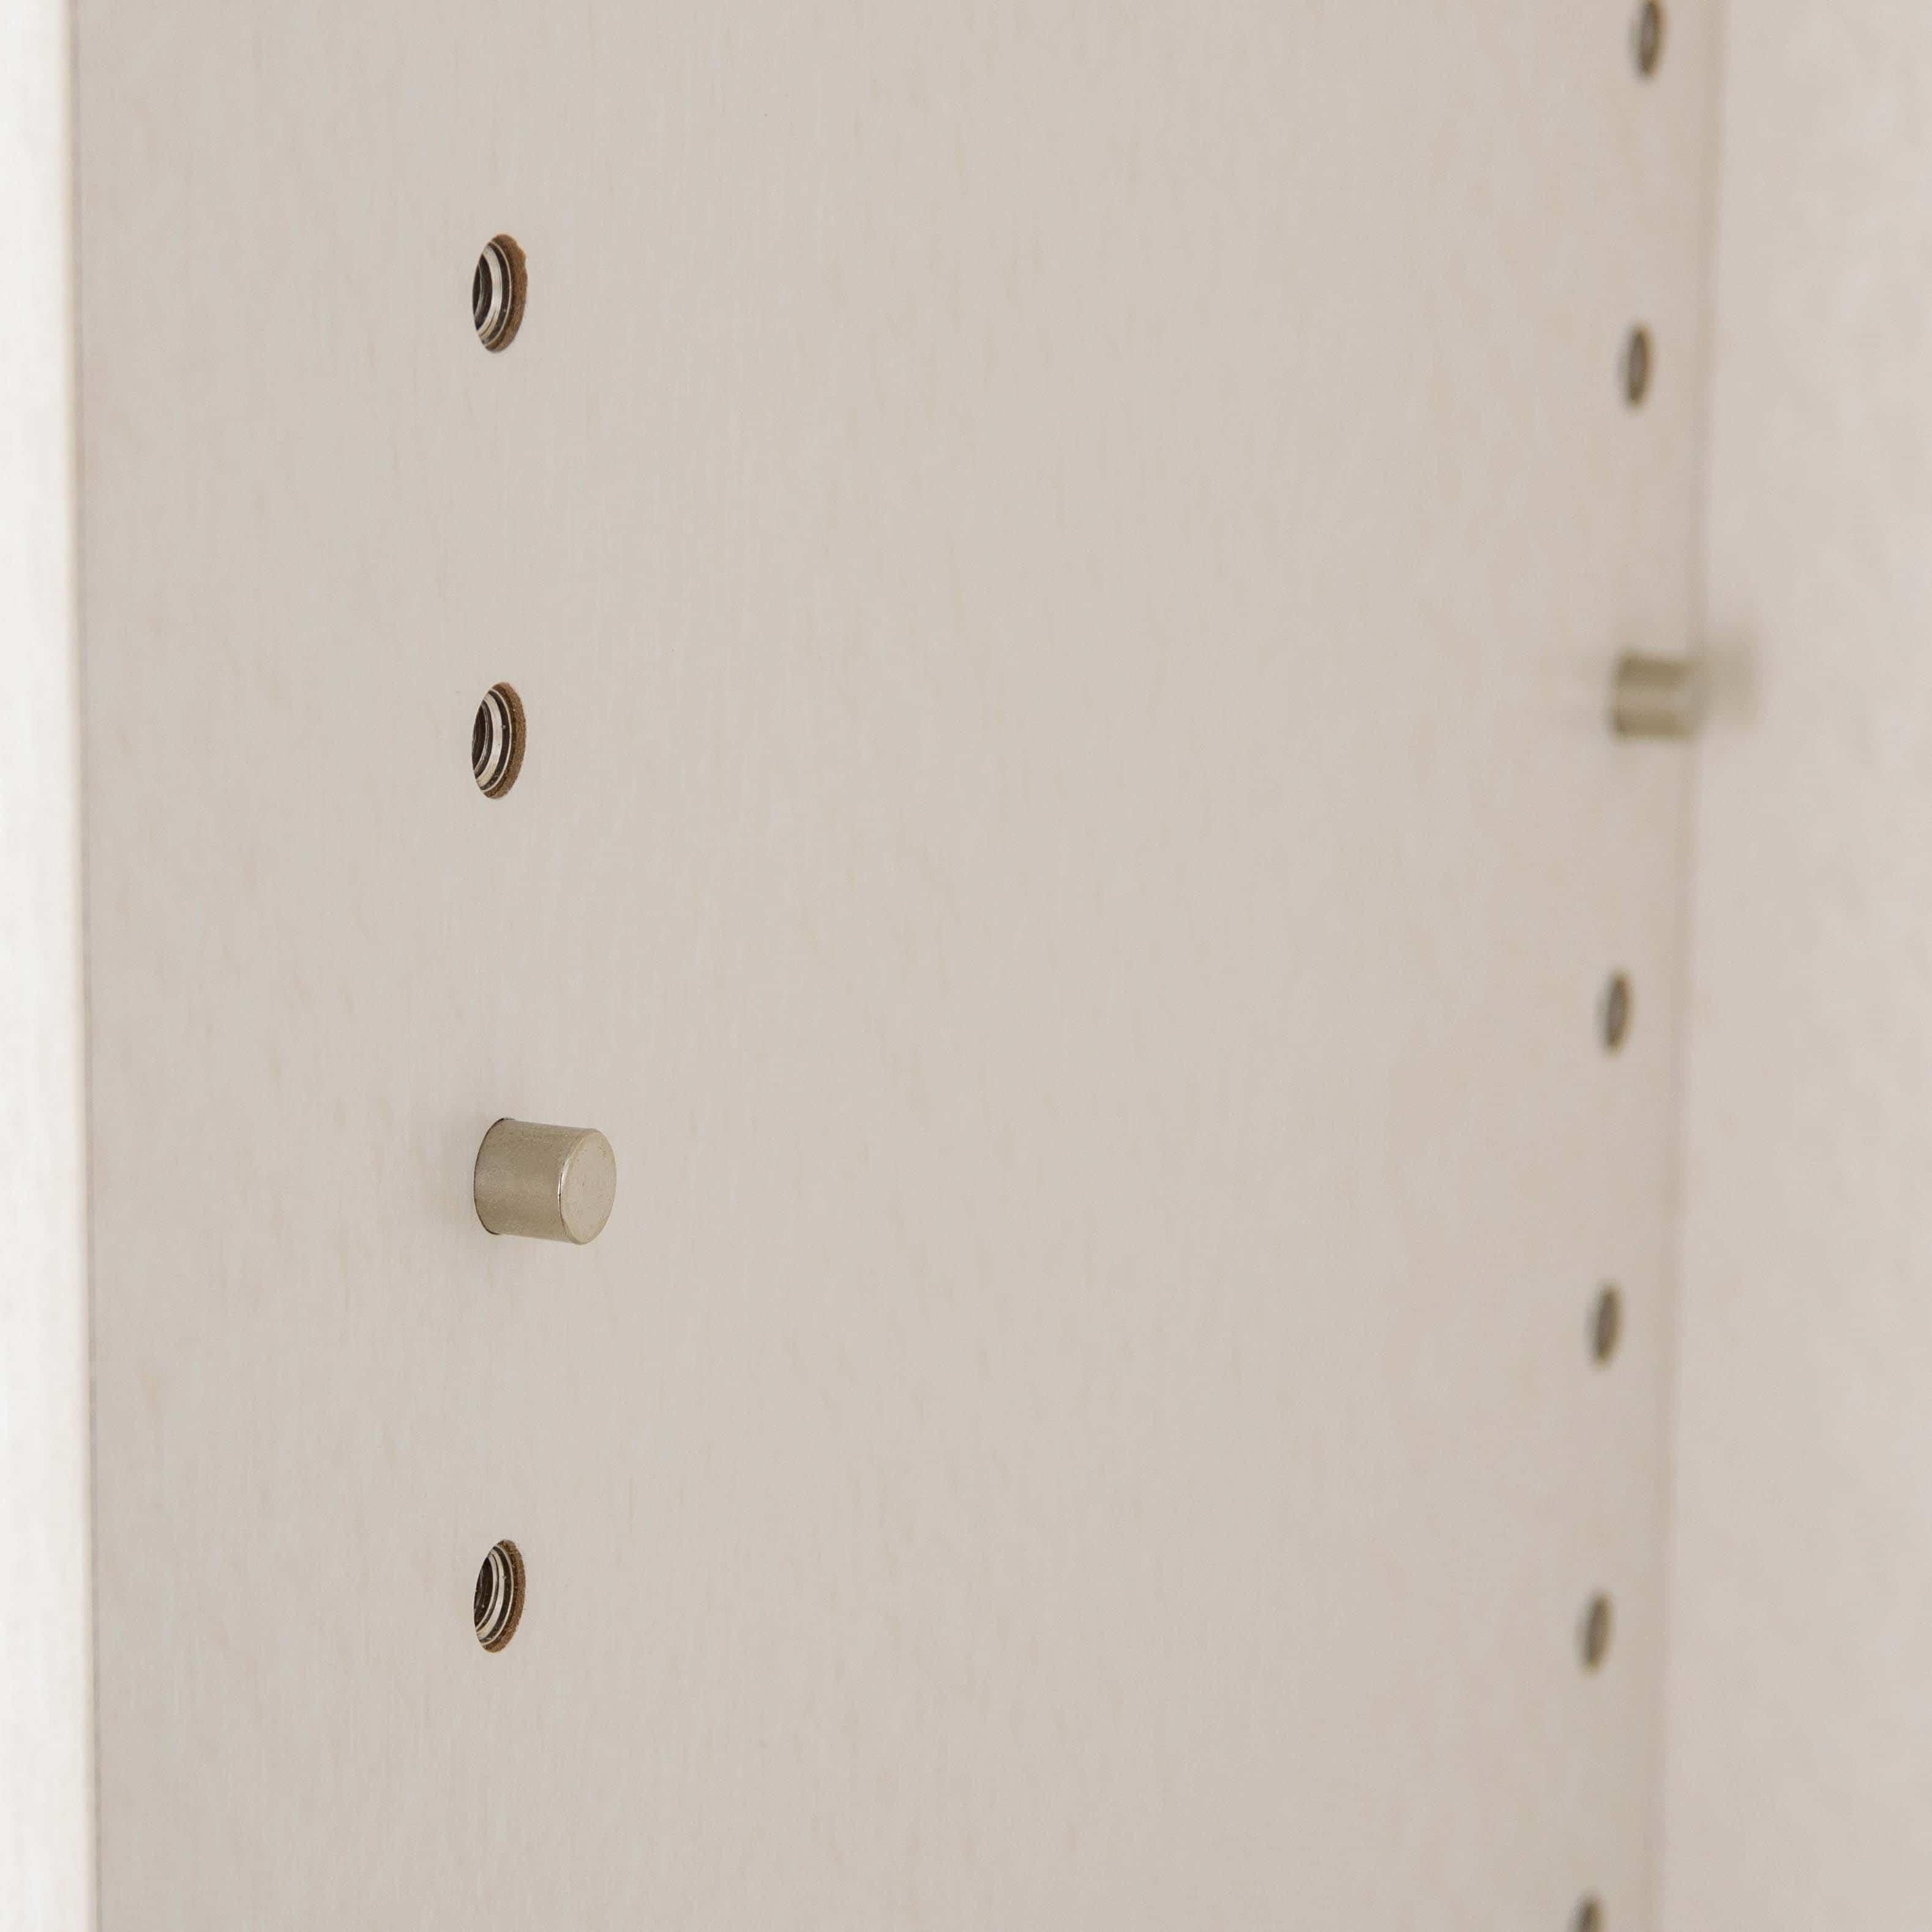 小島工芸 書棚 アコード120L(チェリーナチュラル):キレイに収まる魅せる収納